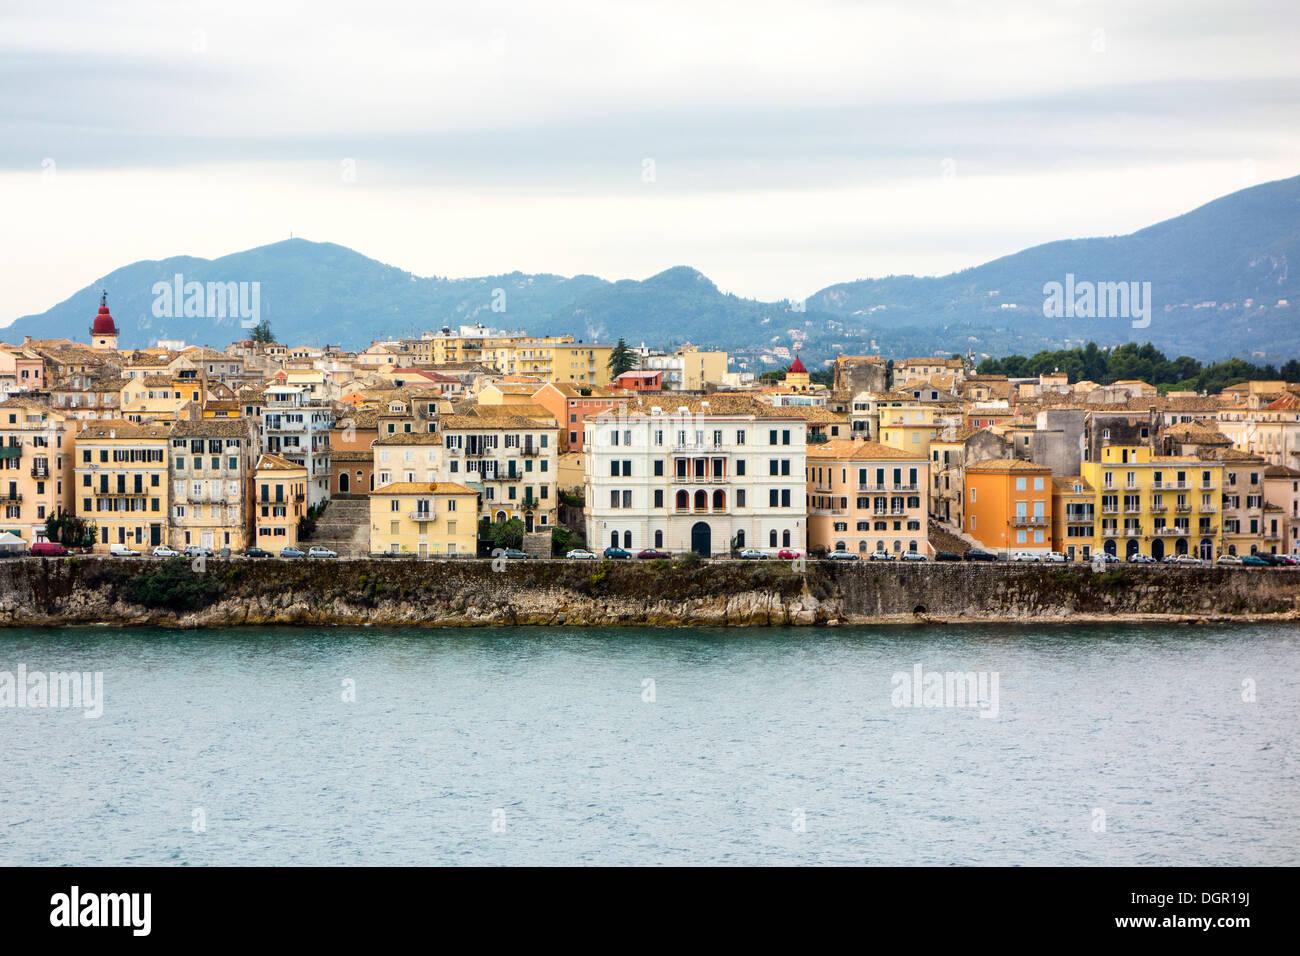 Bay of Corfu - Old Town, Corfu Island, Ionian Islands, Greek Islands, Greece, Europe - Stock Image